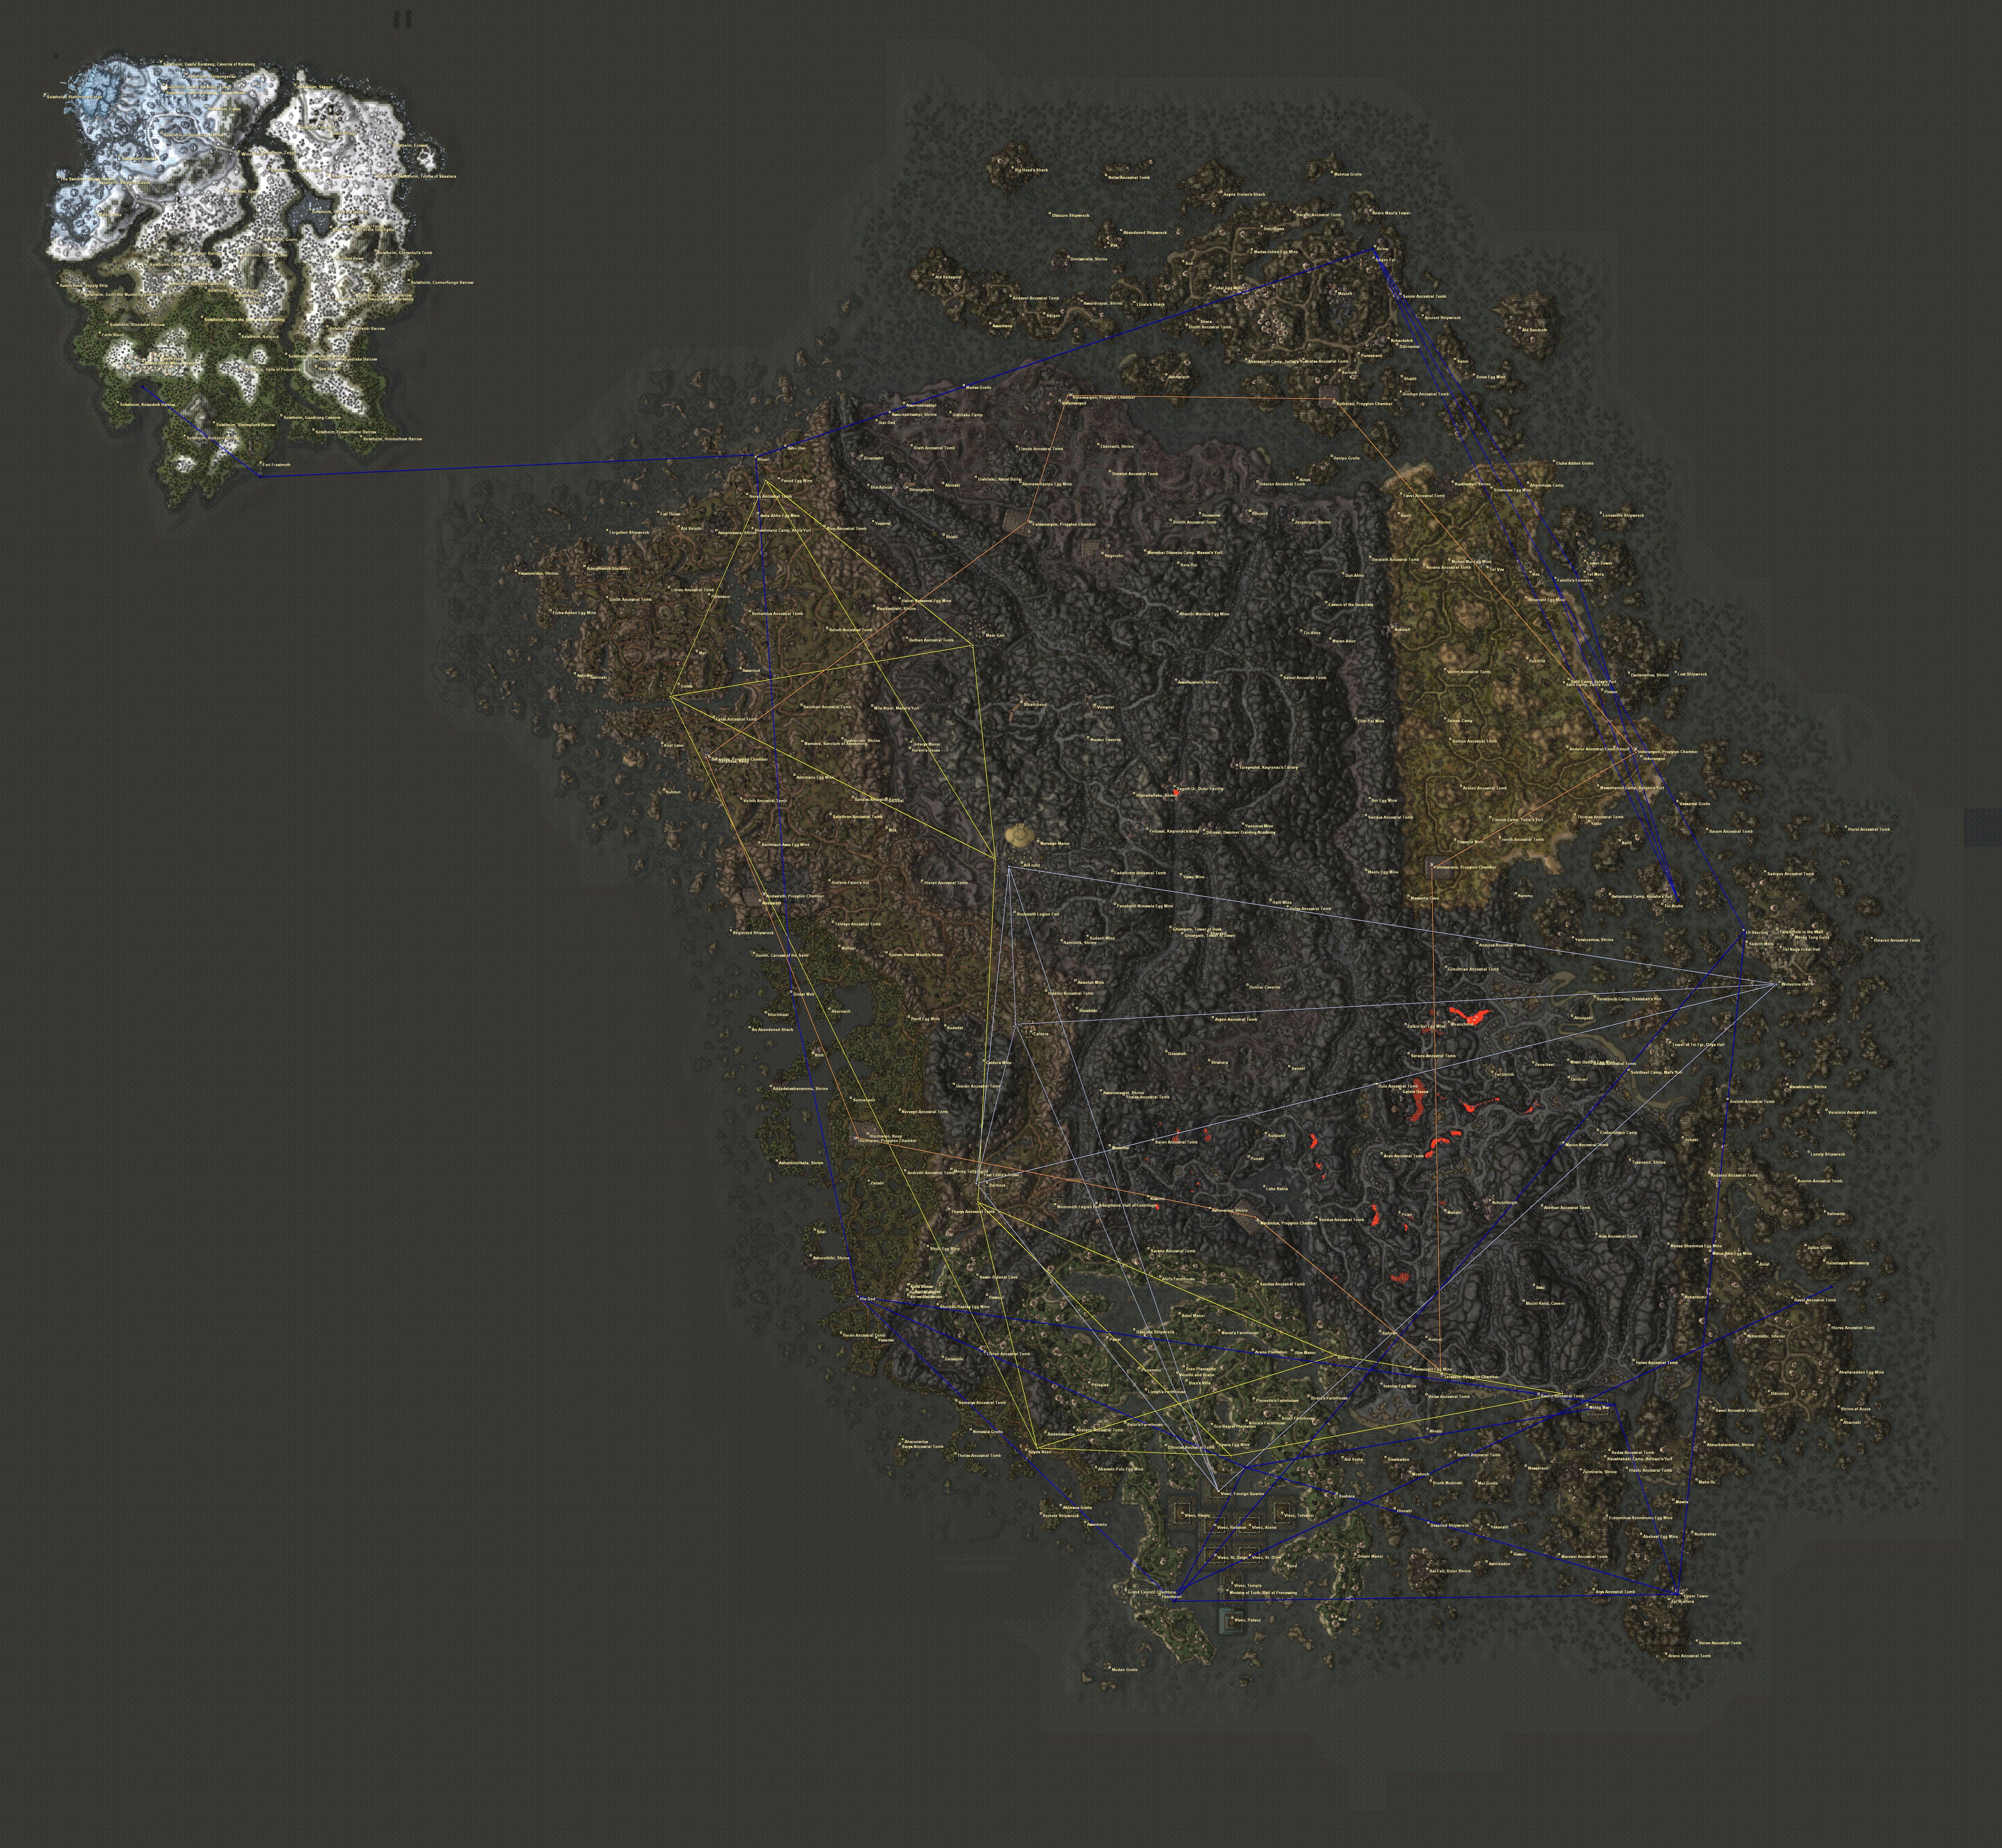 Vvardenfell+map